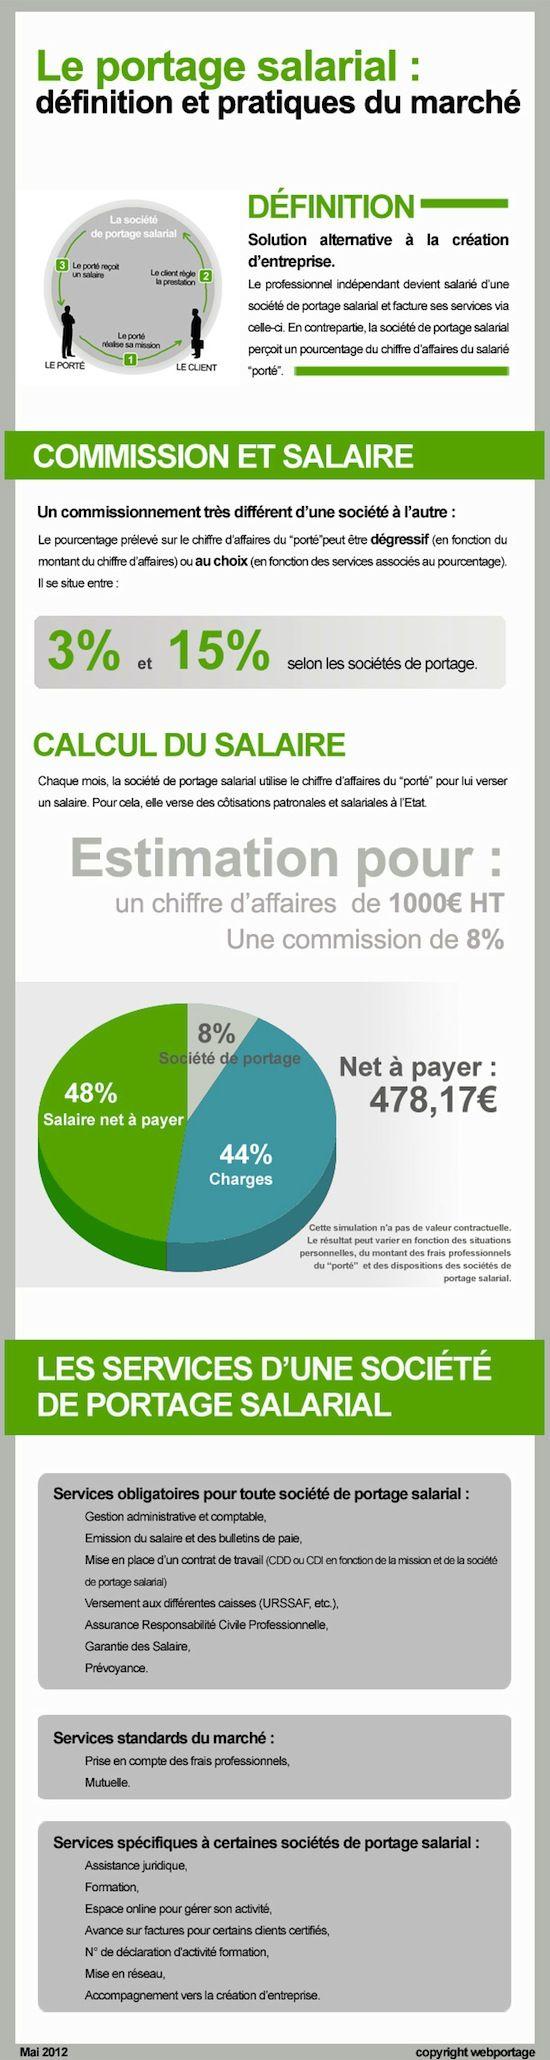 Avec plus de 100000 sites marchands, 10 milliards d'euros dépensés au 1er trimestre 2012, 31 millions de cyber-acheteurs, les opportunités pour les professionnels du digital se multiplient. Graphistes, développeurs, consultants marketing, affiliés,… Nombreux sont ceux qui souhaitent travailler pour leur propre compte et tenter leur chance.